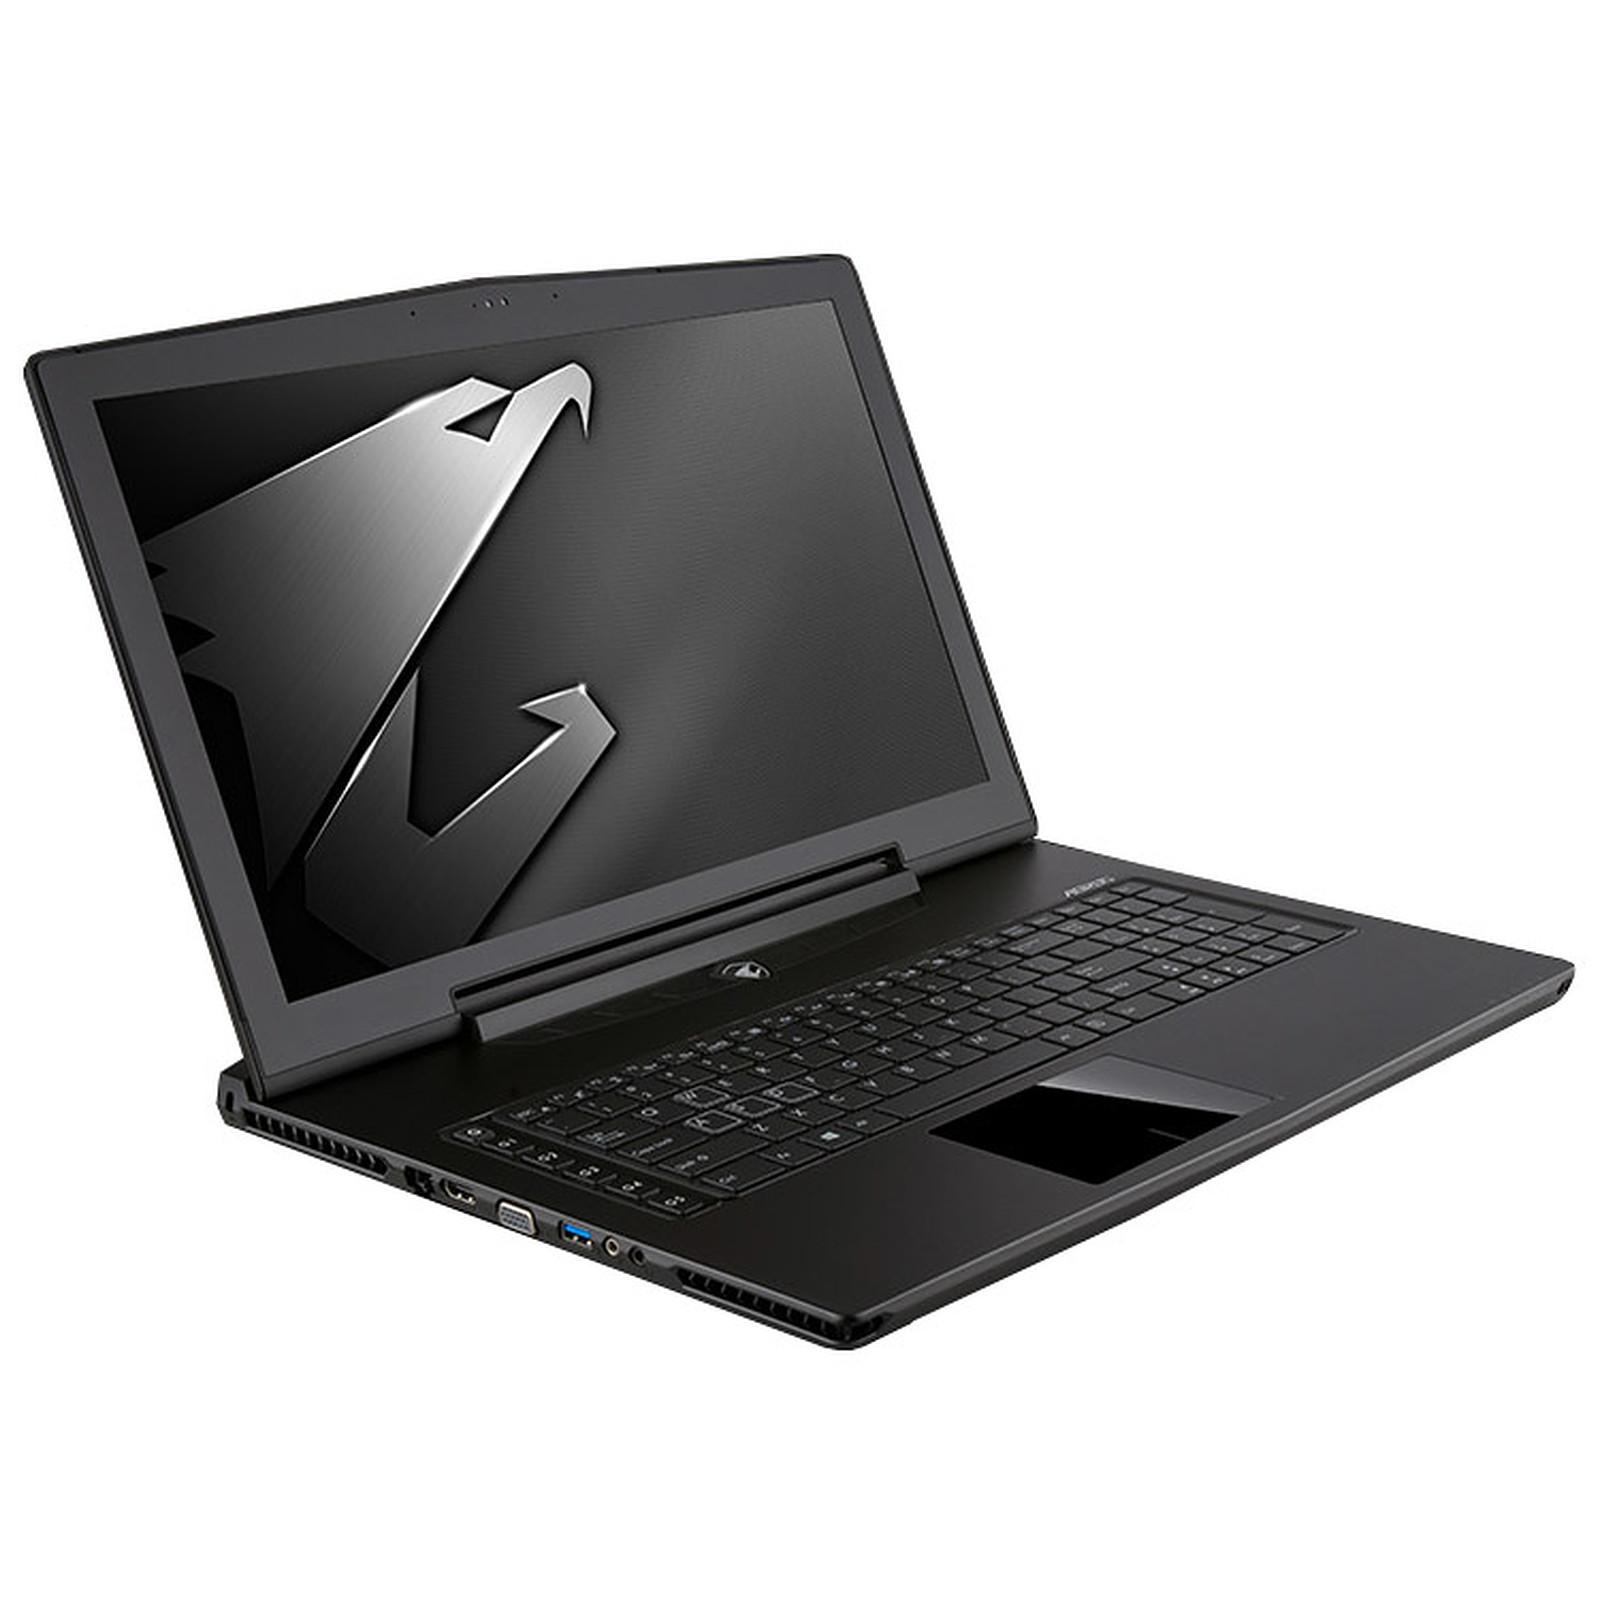 AORUS X7 Pro v3 (2x GTX 970M)